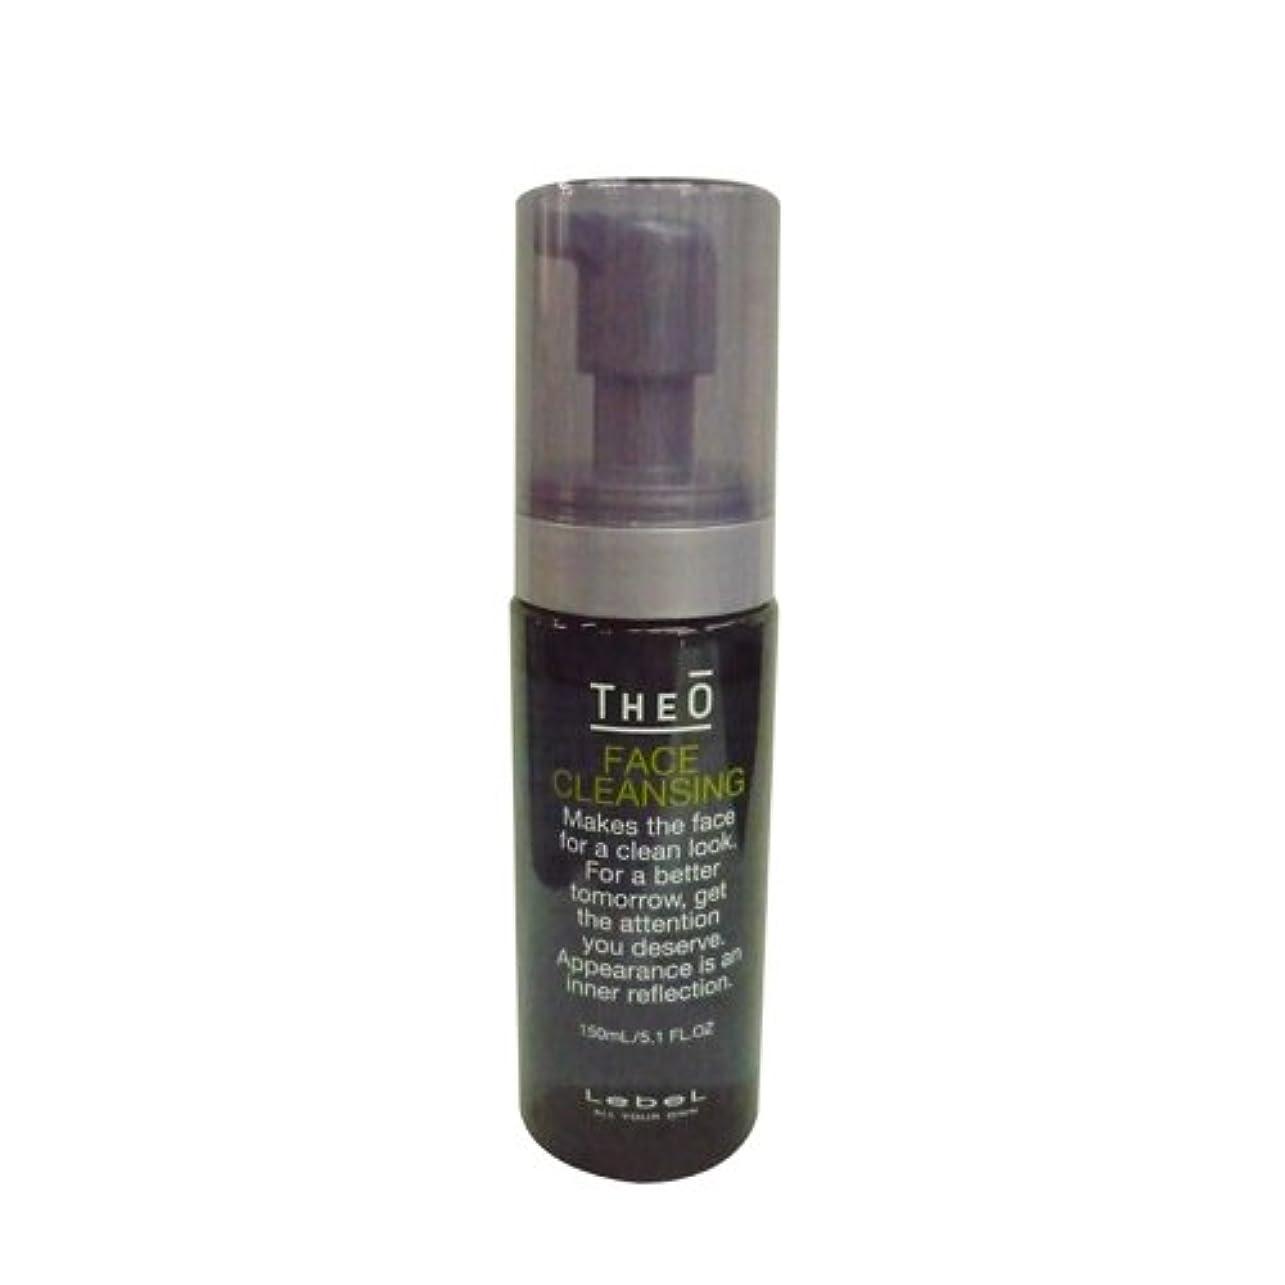 うれしいダッシュ毒LebeL(ルベル) ルベル ジオ フェイスクレンジング<洗顔料> 150ml